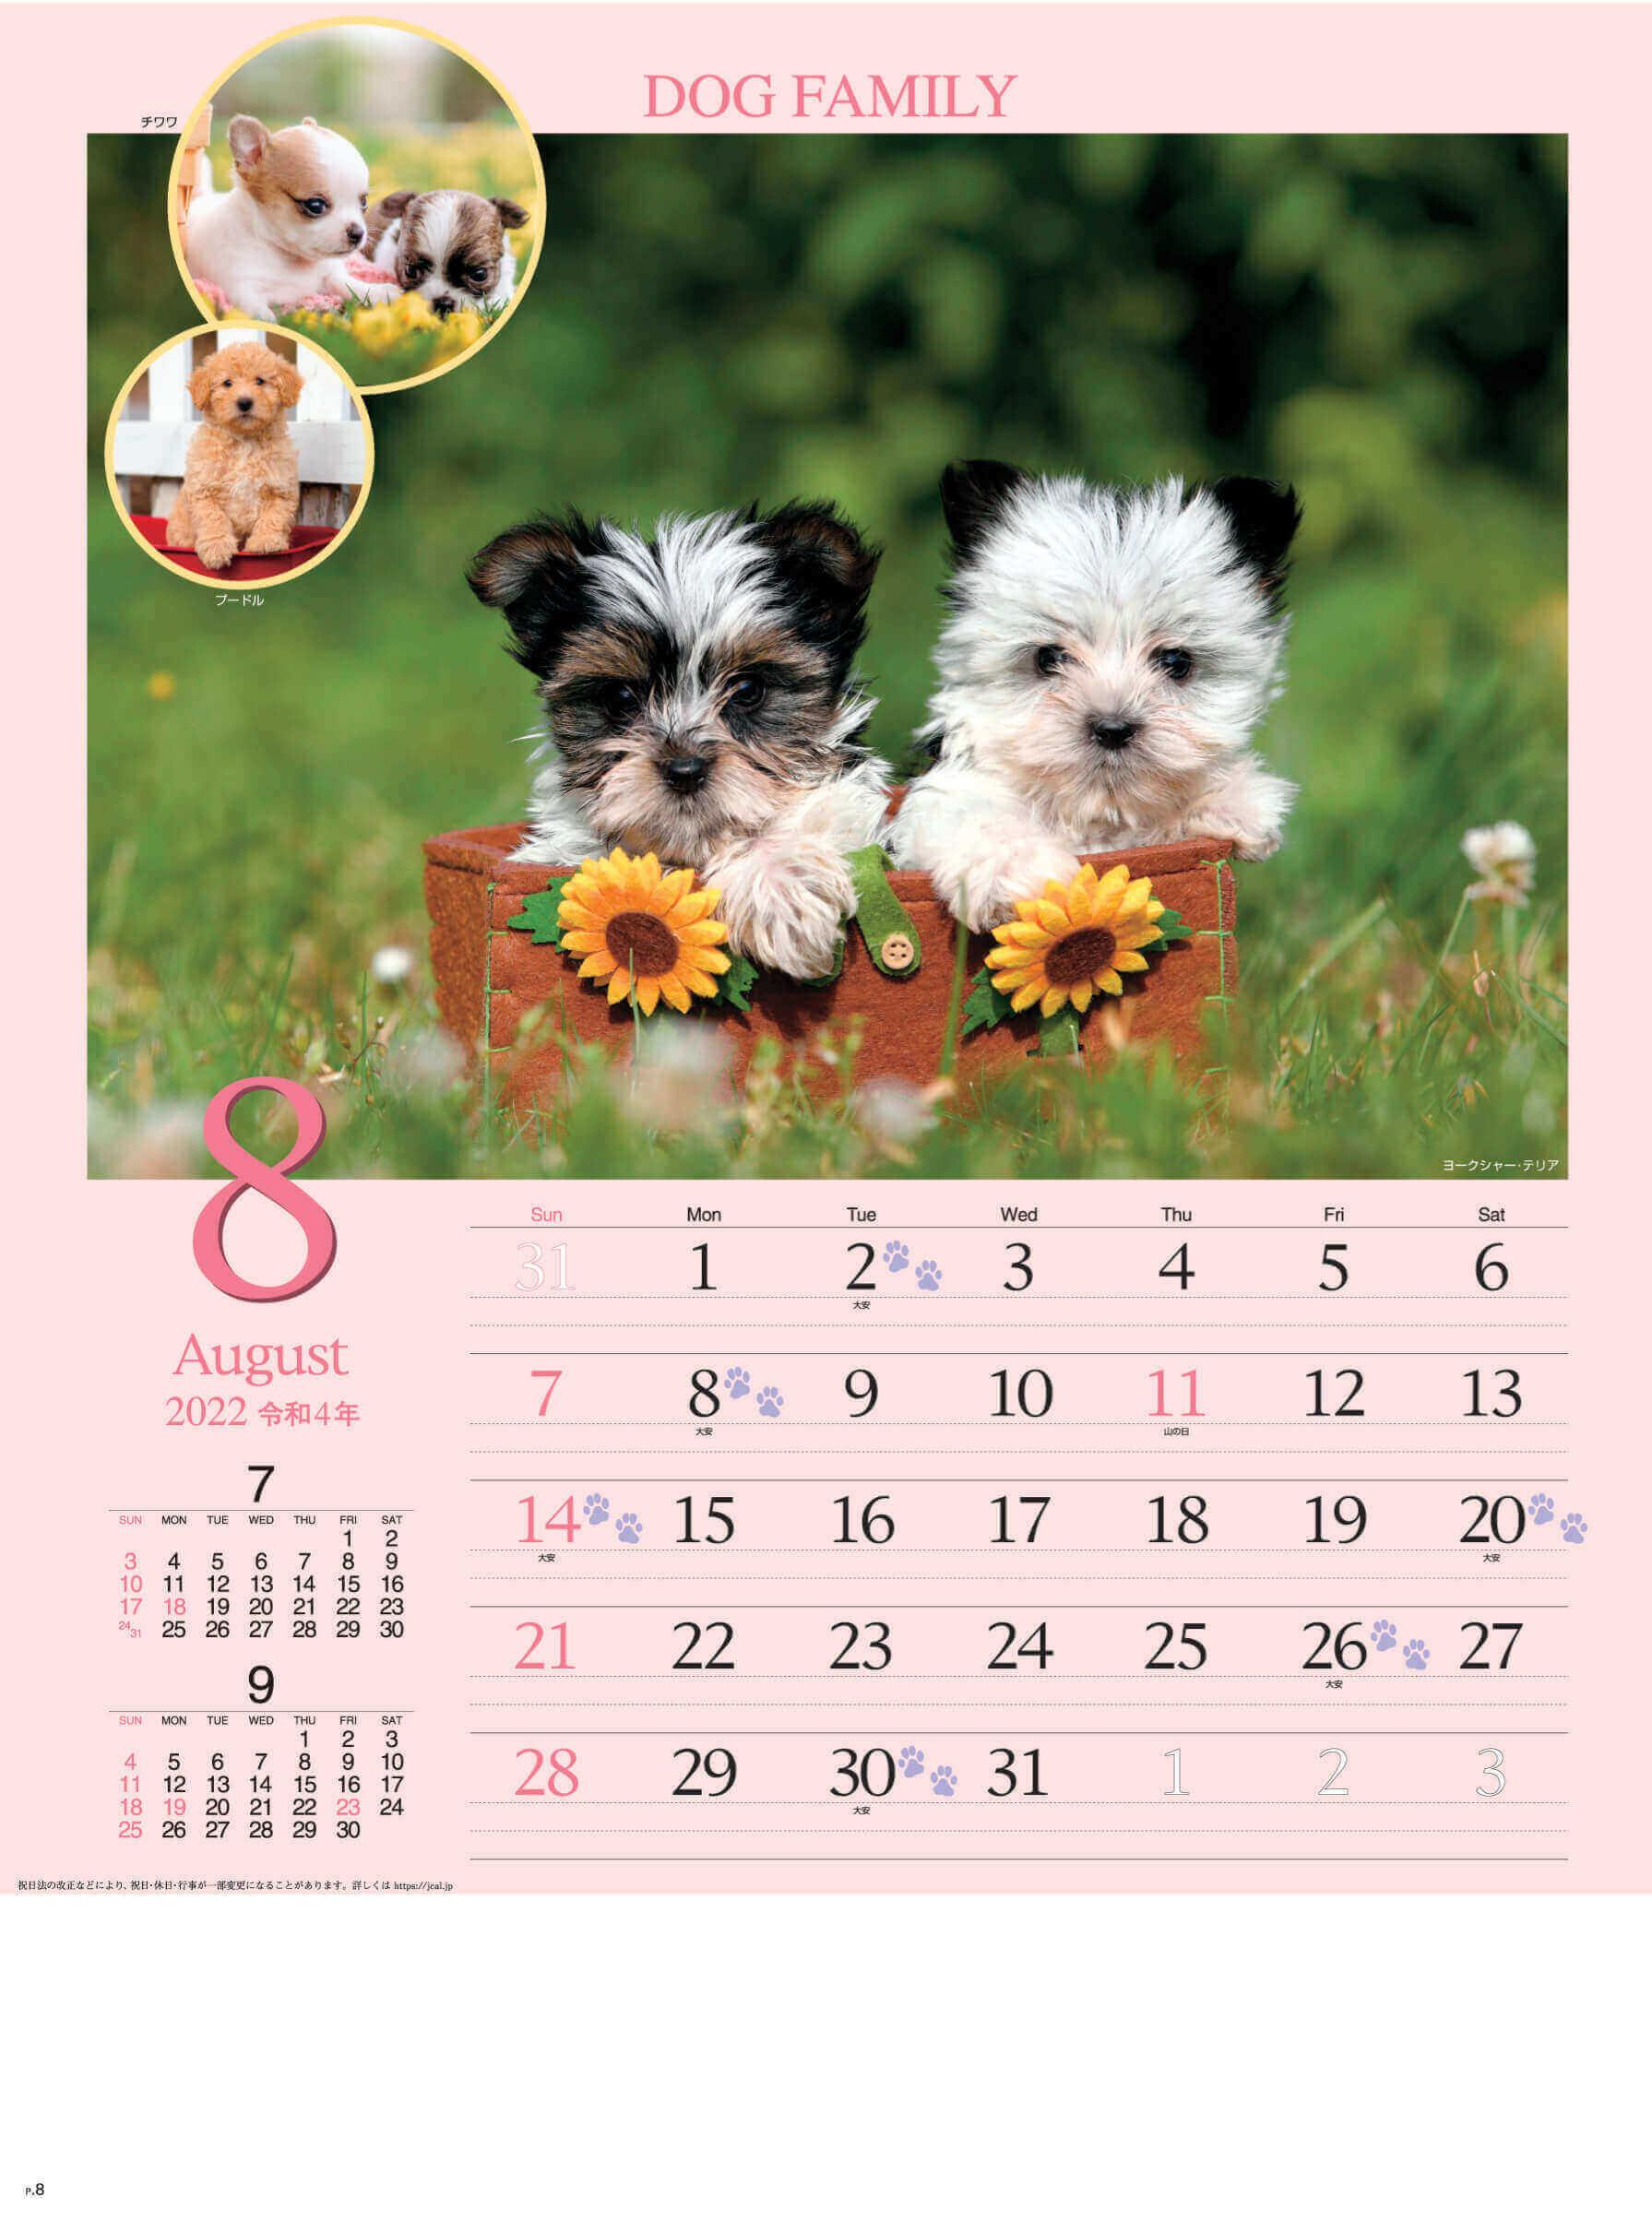 8月 ヨークシャー・テリア ドッグファミリー 2022年カレンダーの画像